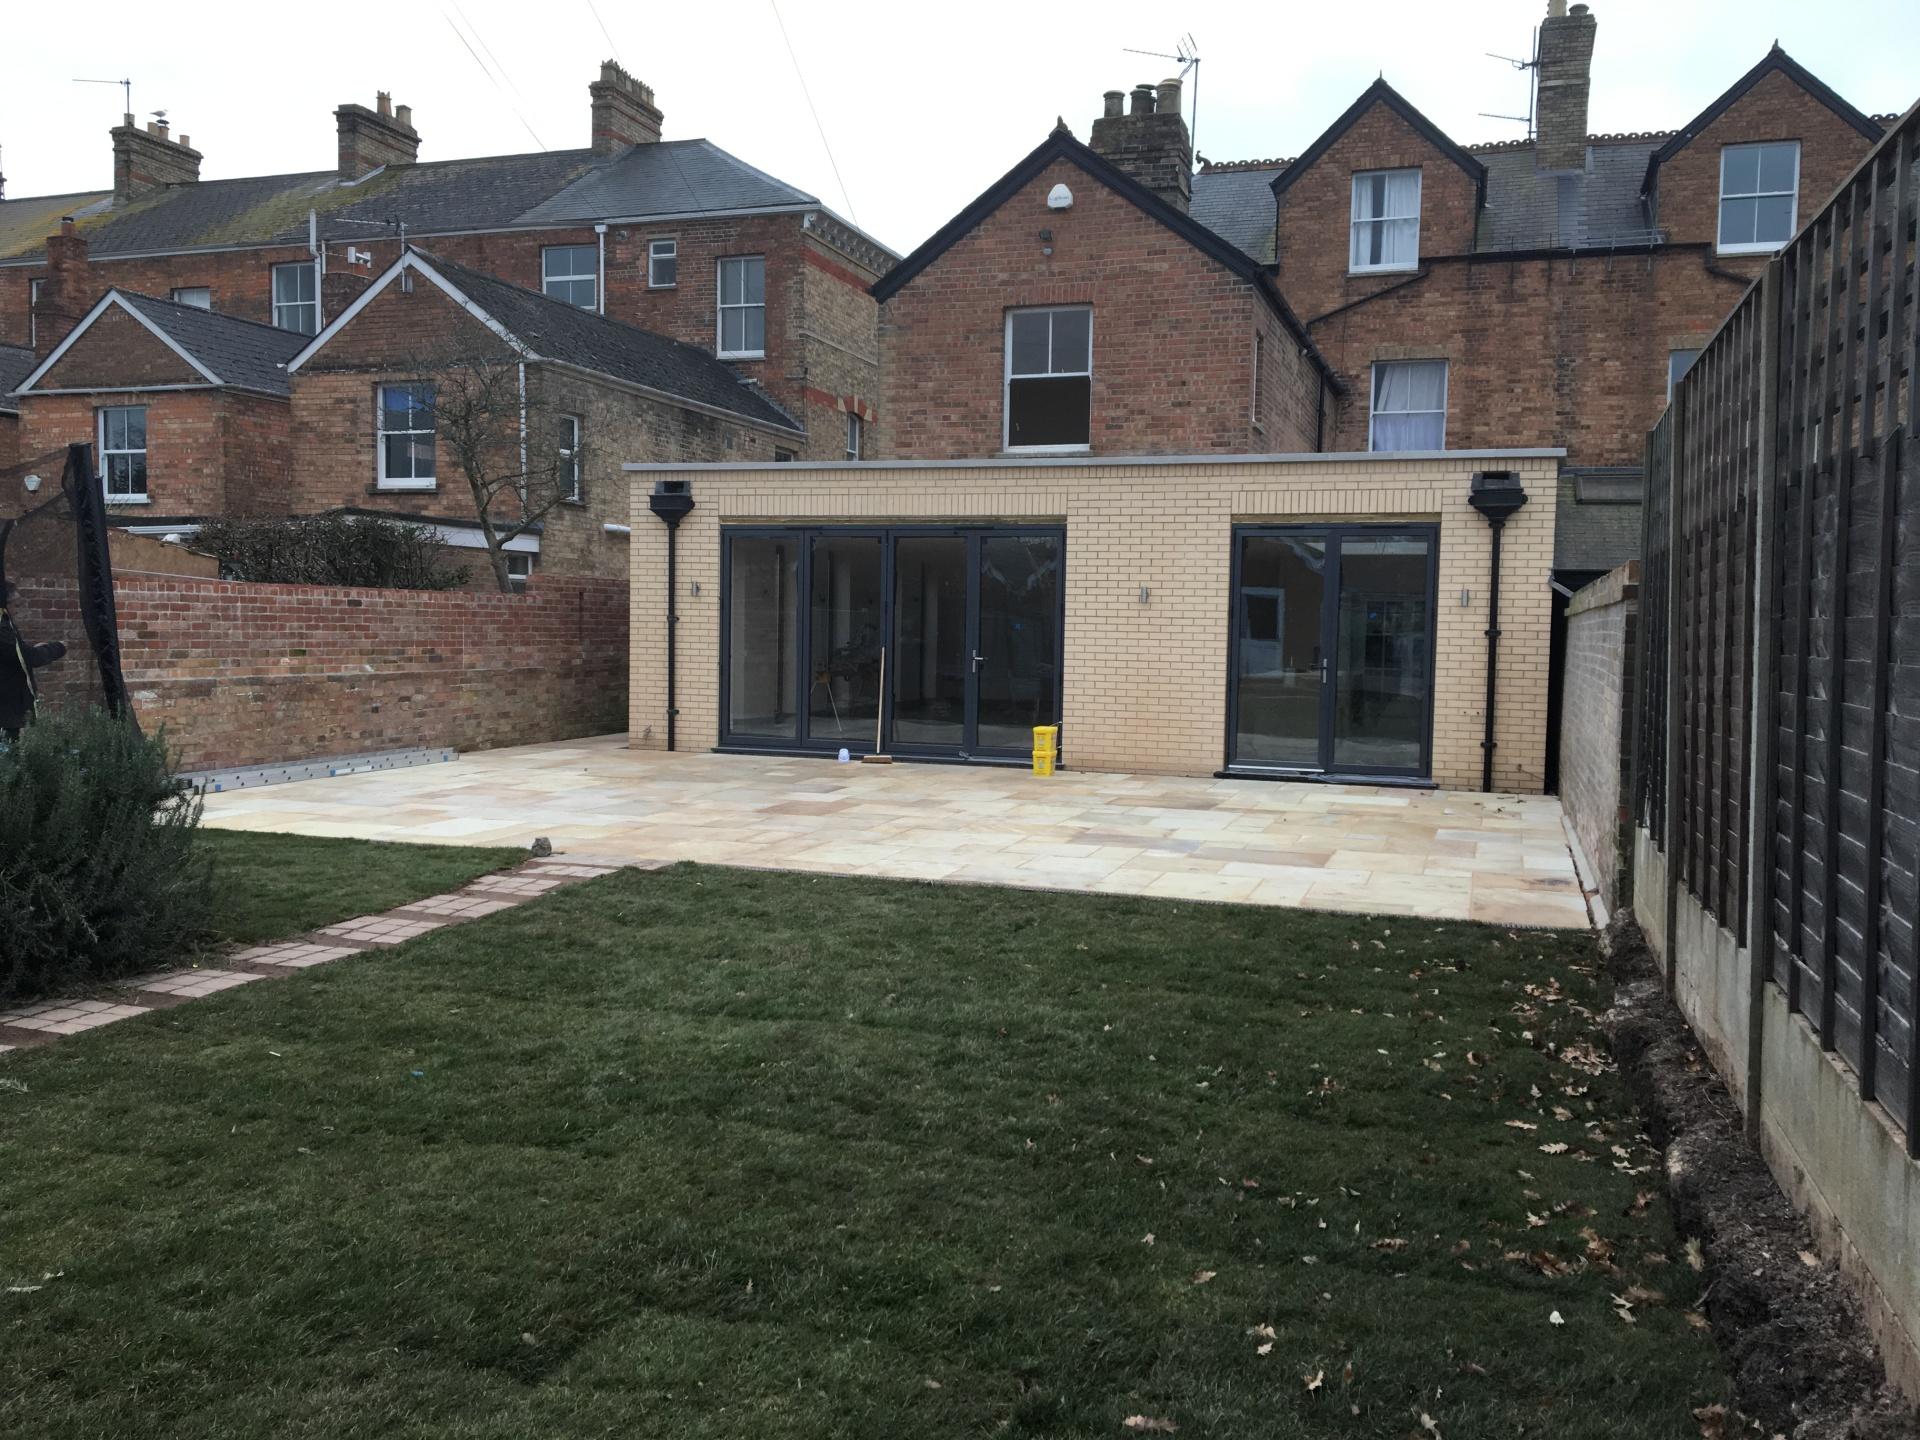 Adams building contractors gallery for Contractors needed to build a house